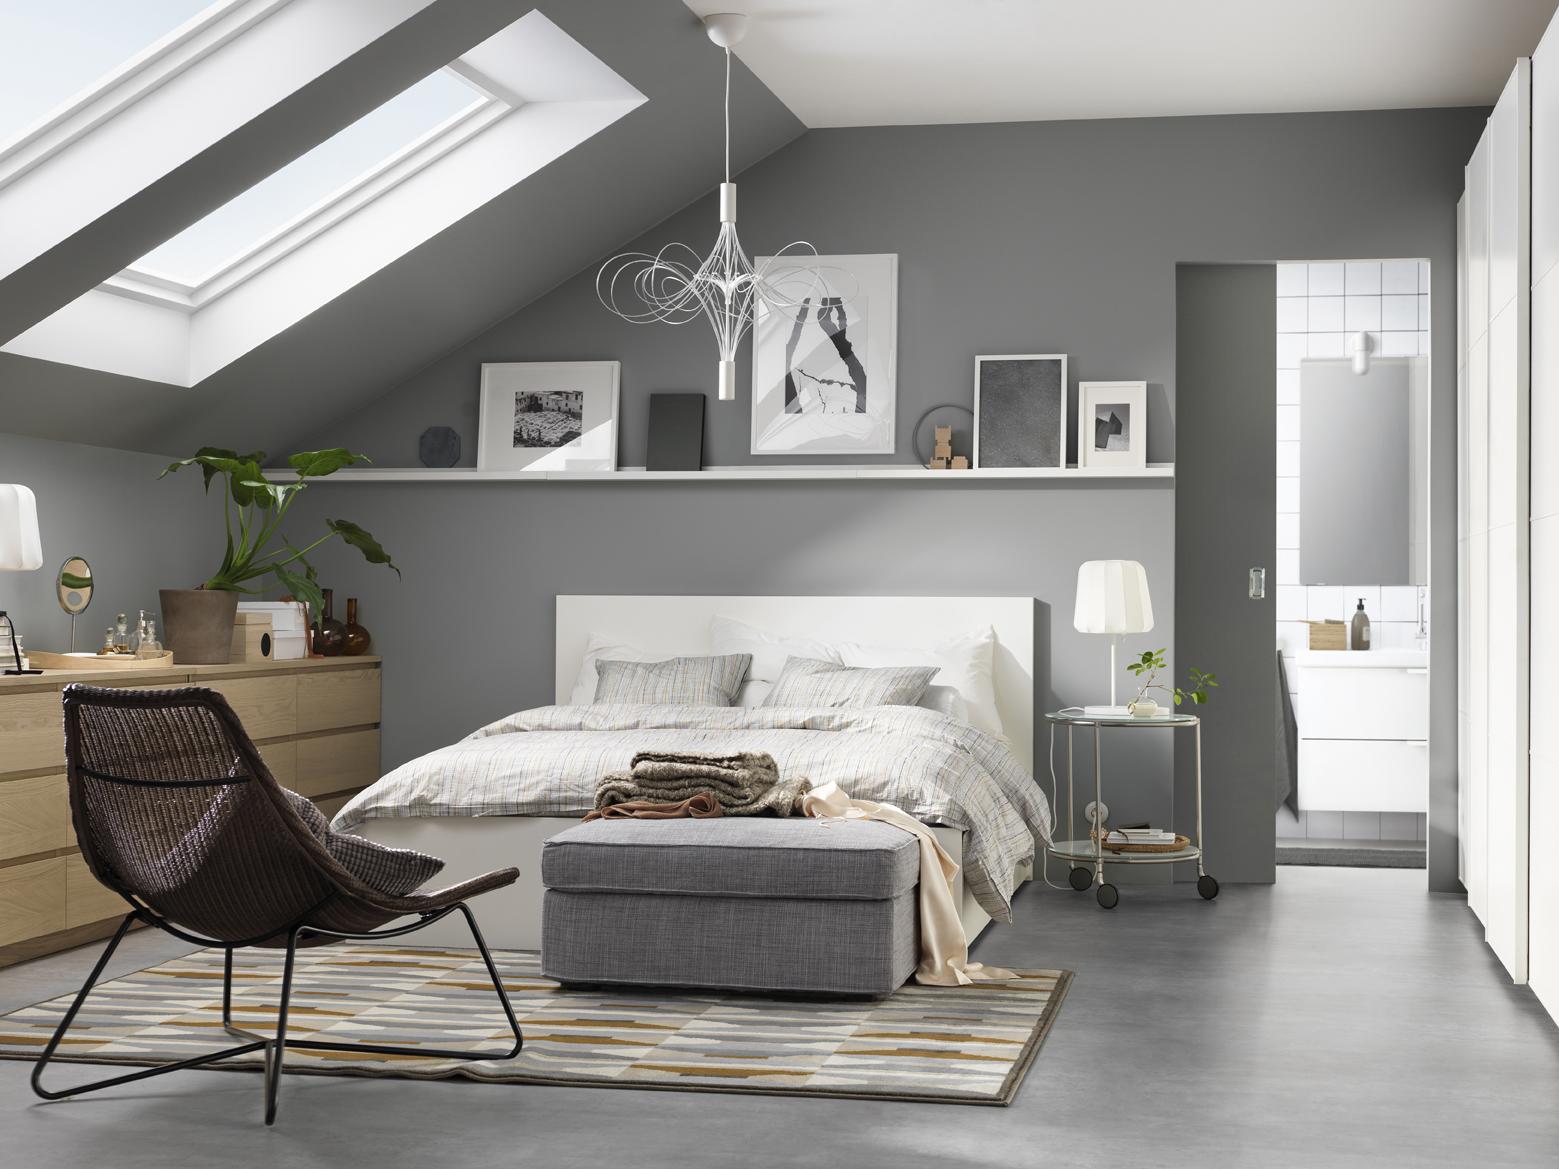 dormitorios luz natural buhardillas